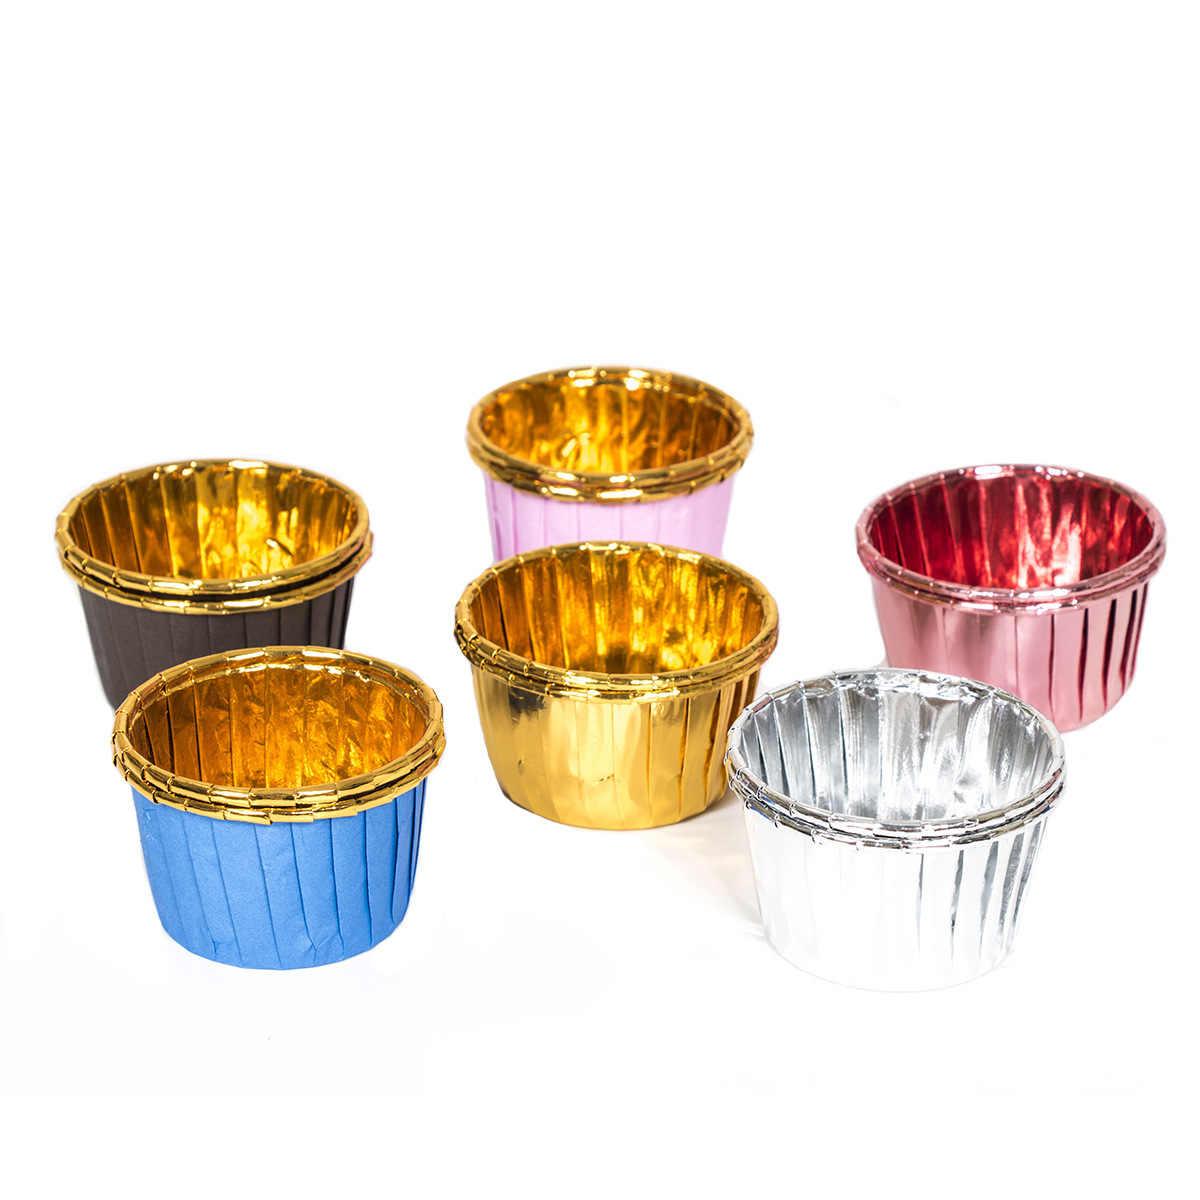 Fabrikanten Momenteel Beschikbaar 50 Stuks Dubbelzijdig Aluminium Muffin Cup Goud Hoge temperaturen Volume Cup Bakken Moul